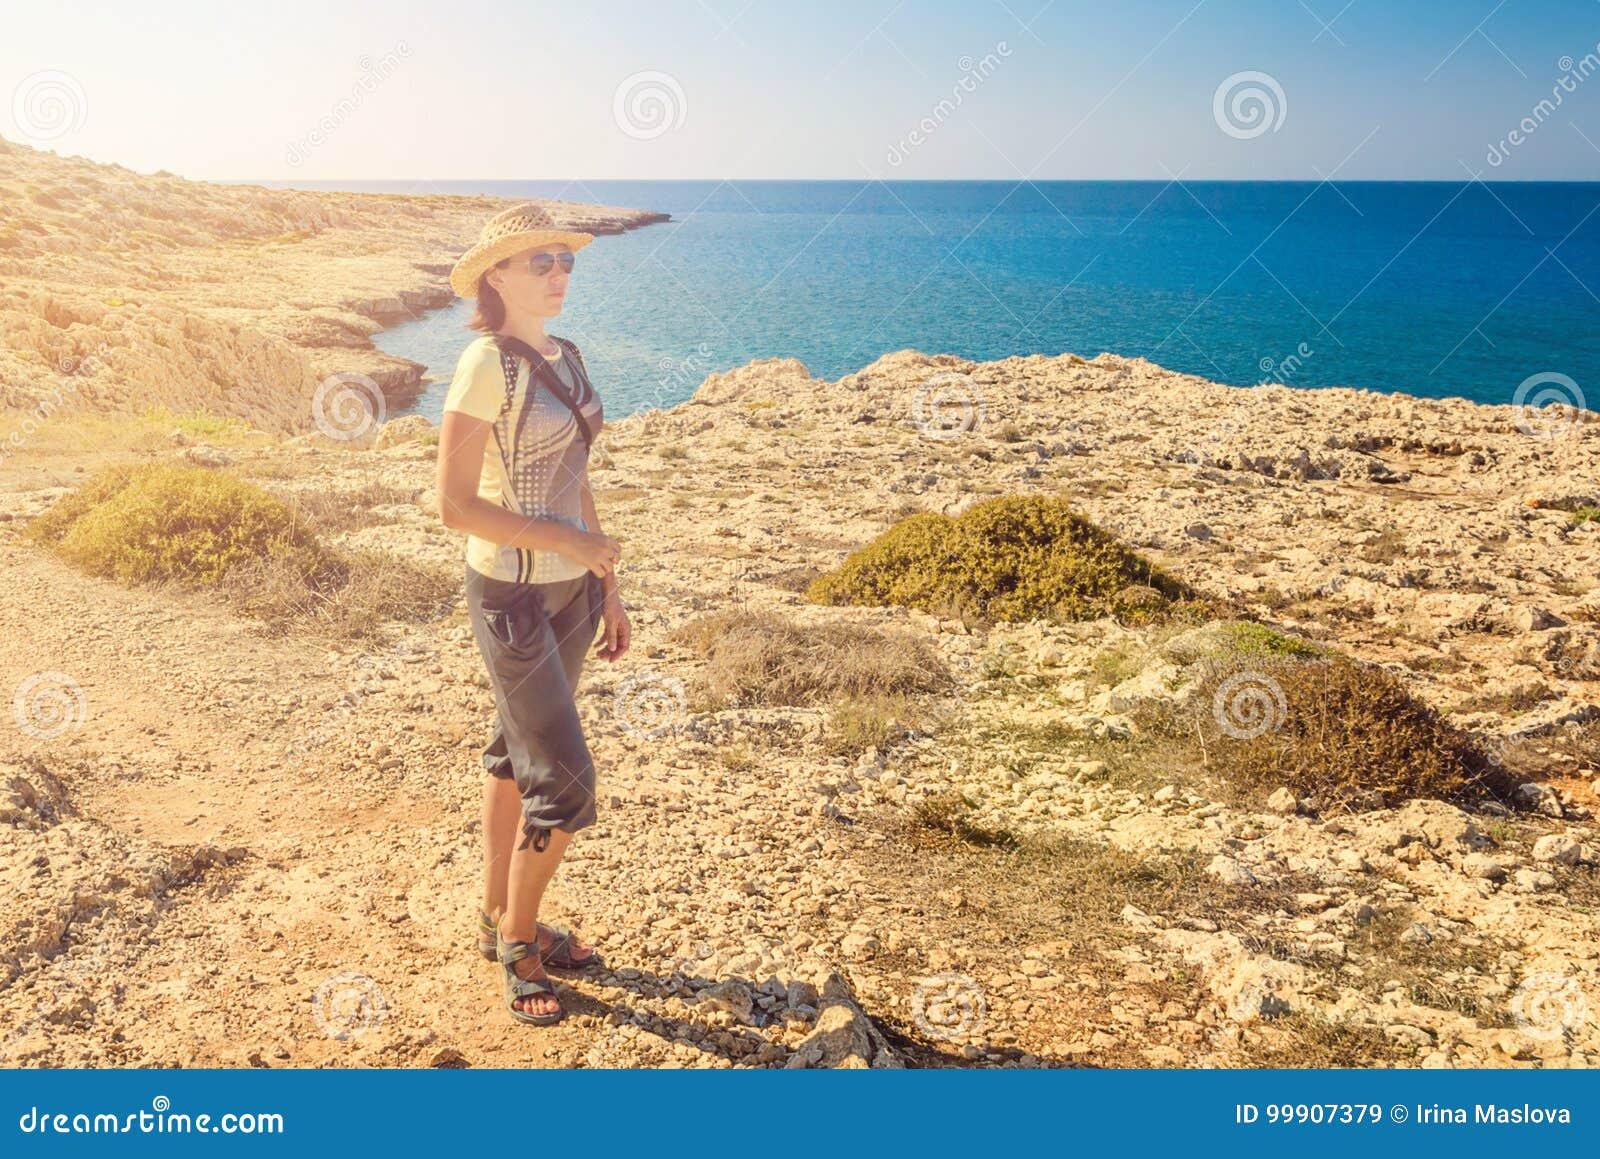 少妇游人,塞浦路斯Ayia Napa,海角格雷科半岛,全国森林公园